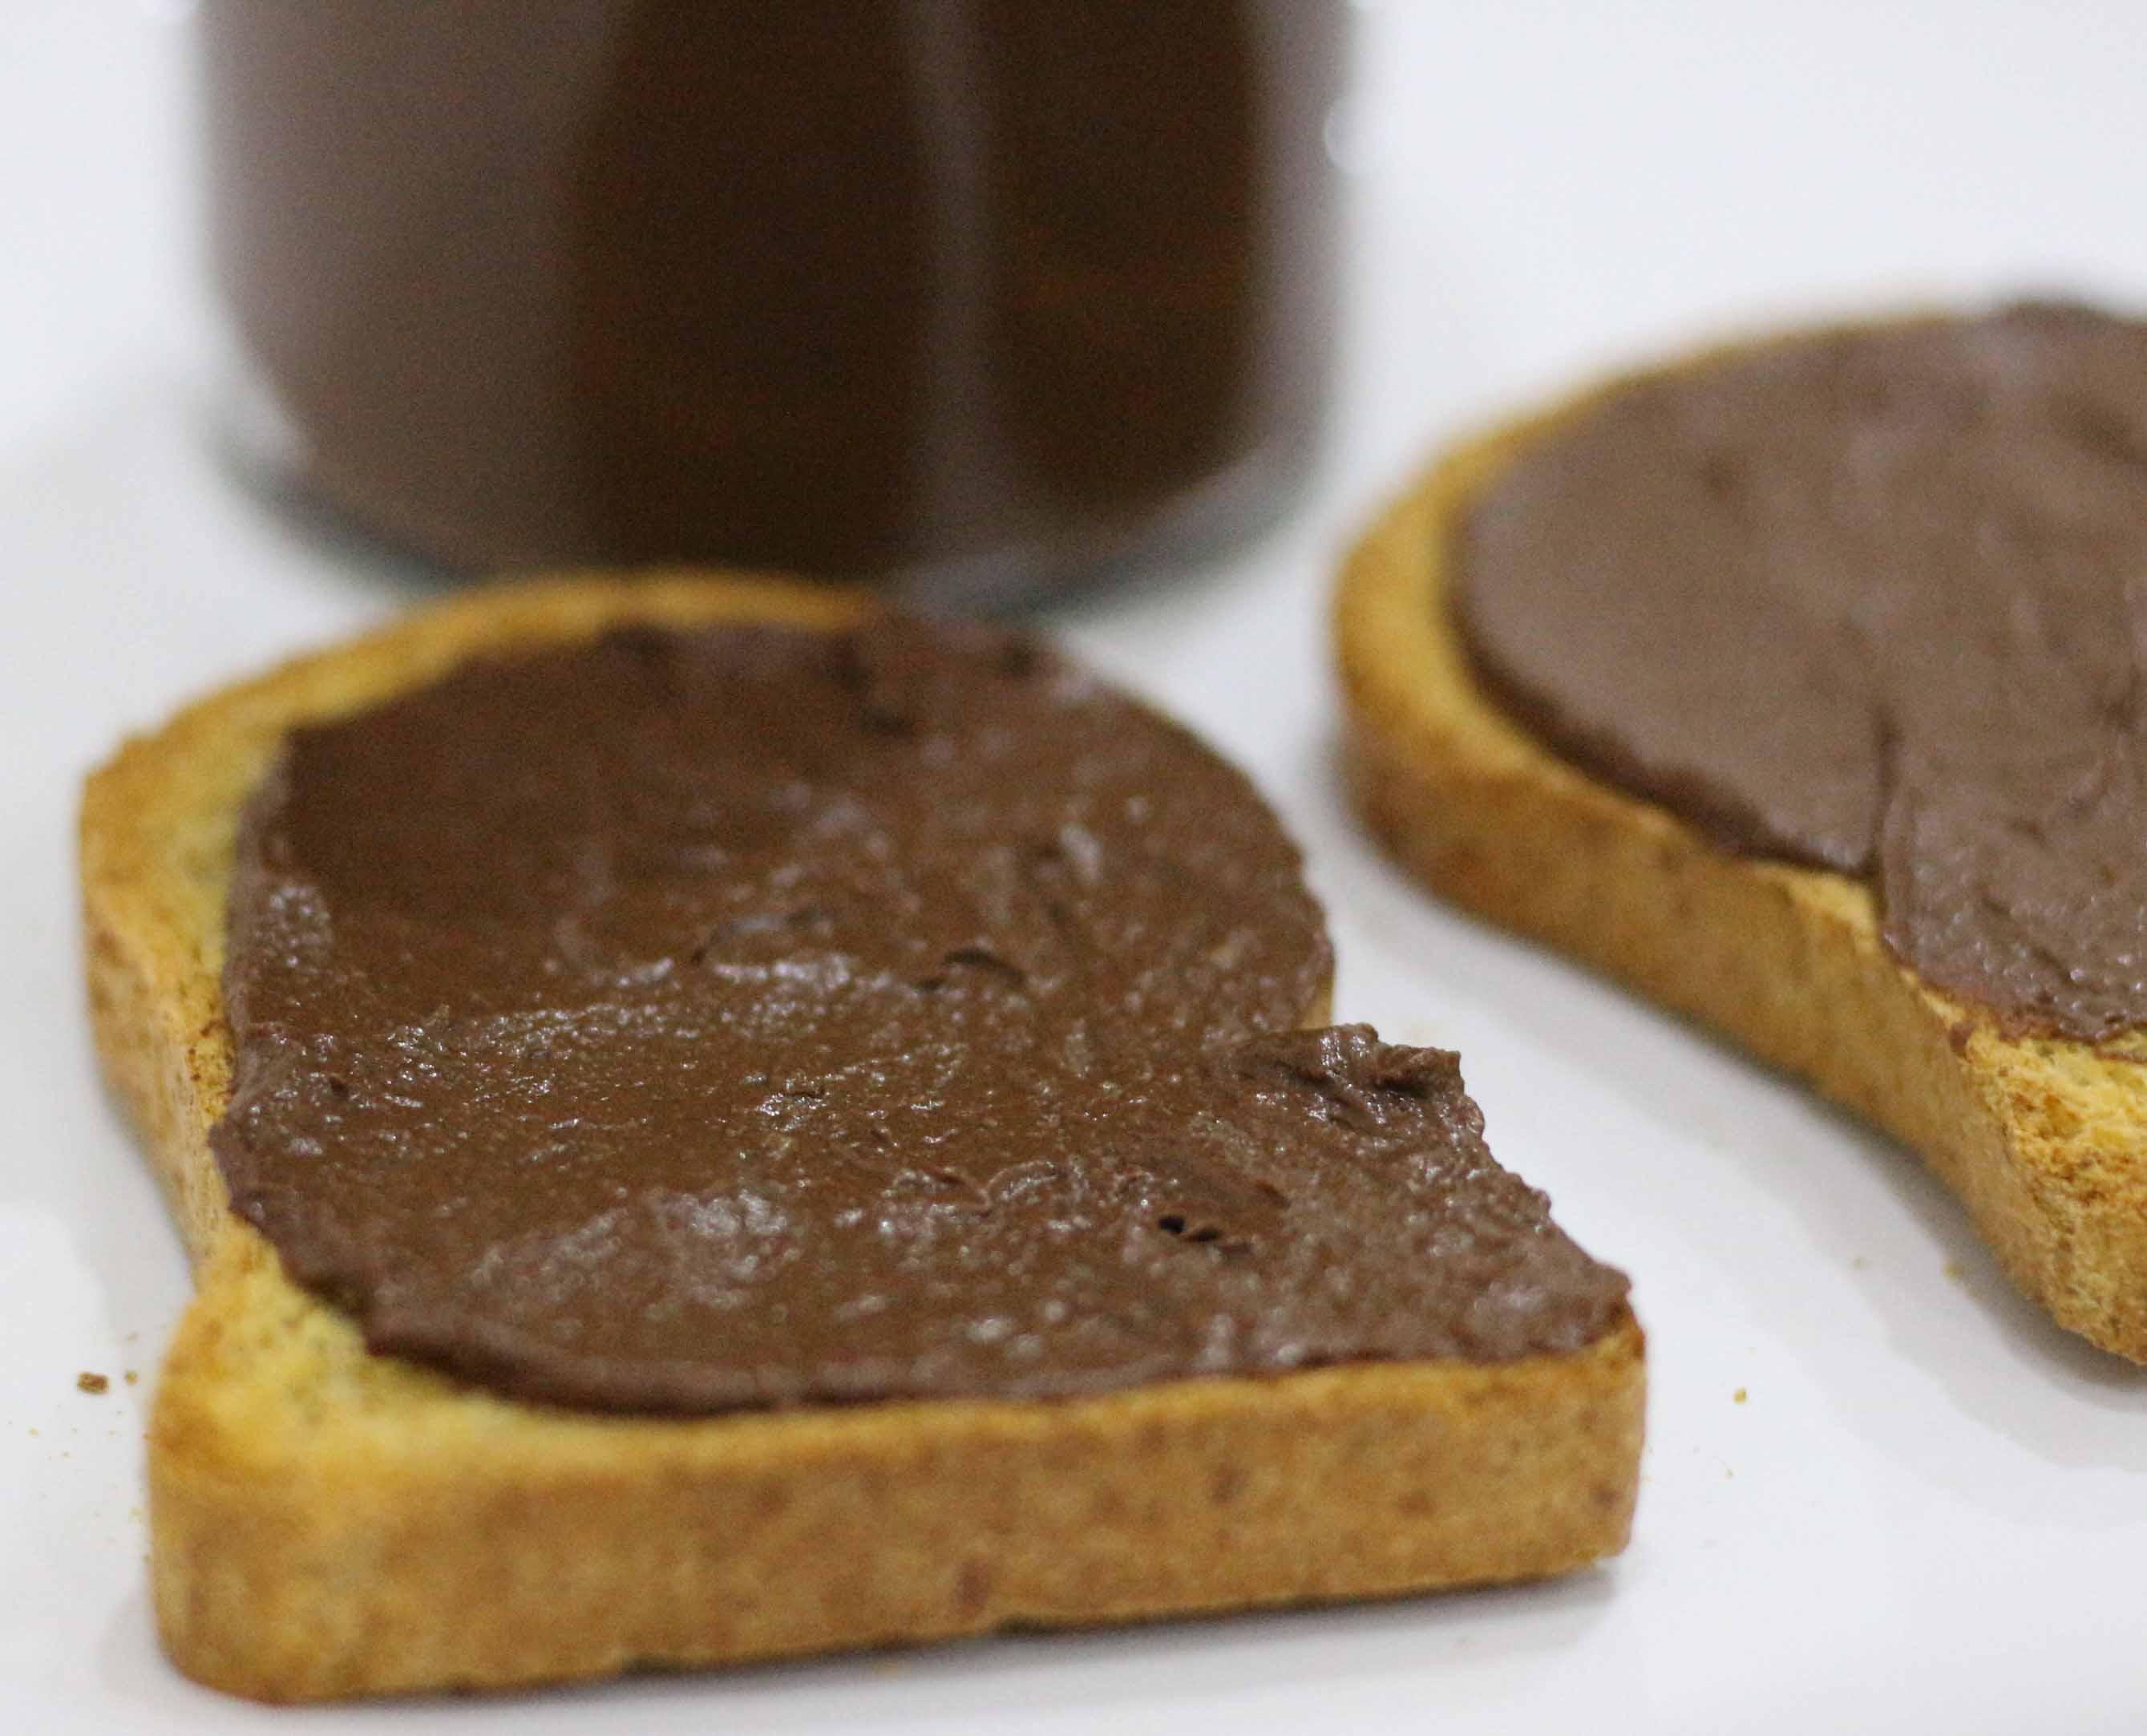 Crema spalmabile al cioccolato fondente e nocciole